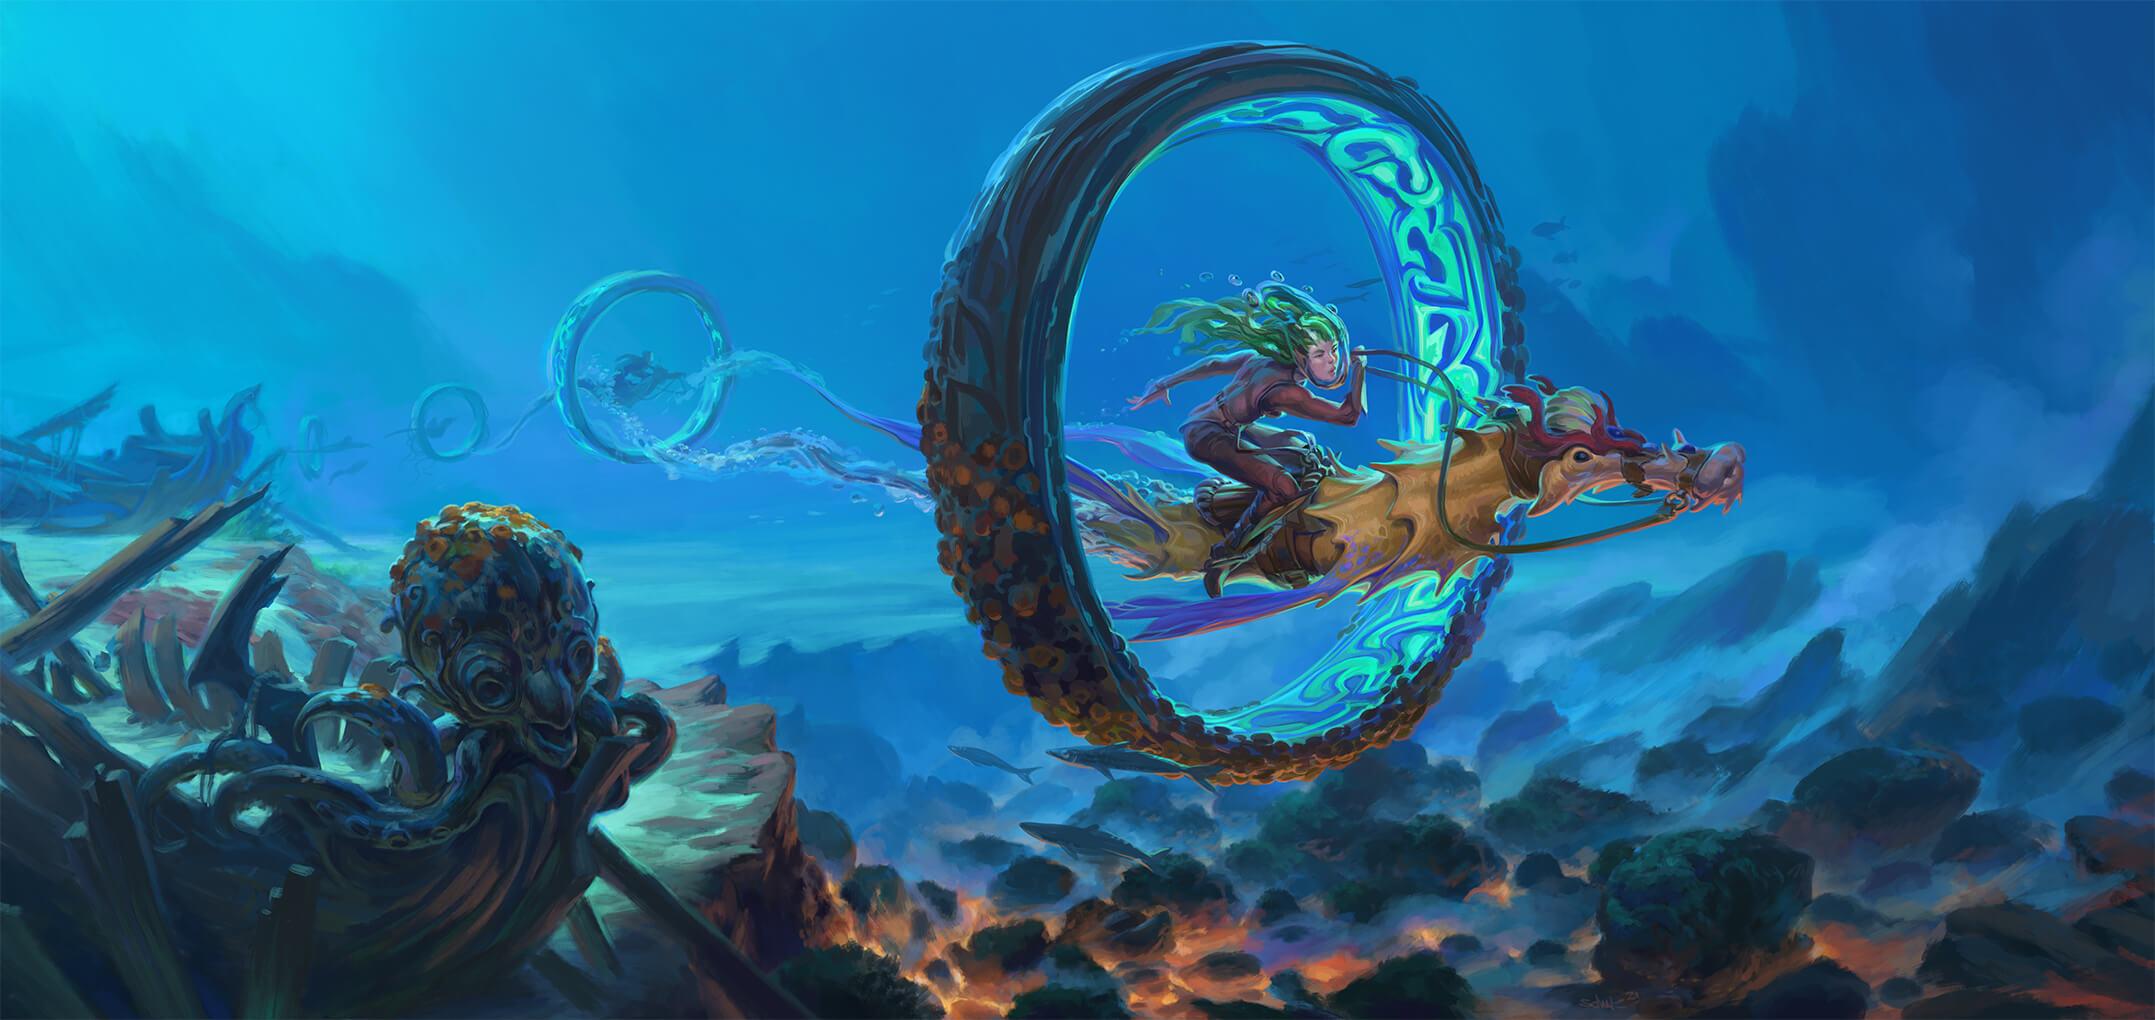 Elvarische Spiele Event 2021 Event Hintergrundbild